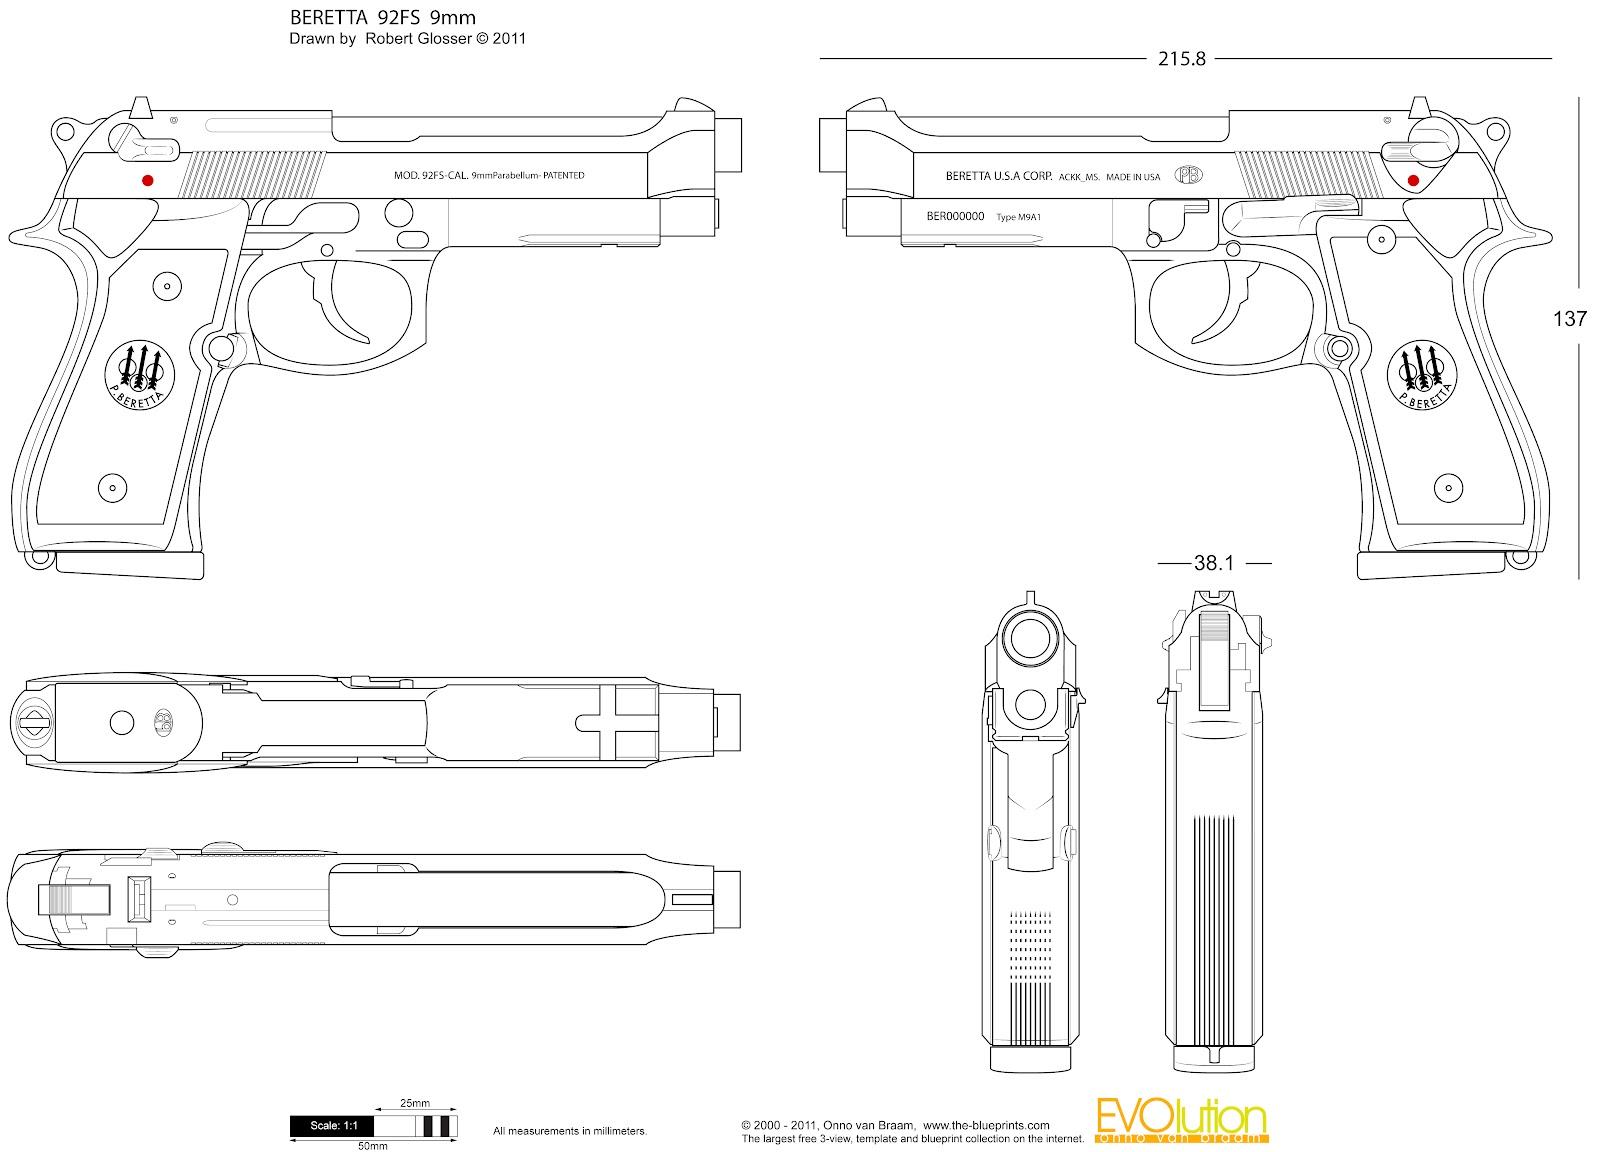 Carmenaty 3d Artis Beretta 92fs 9mm